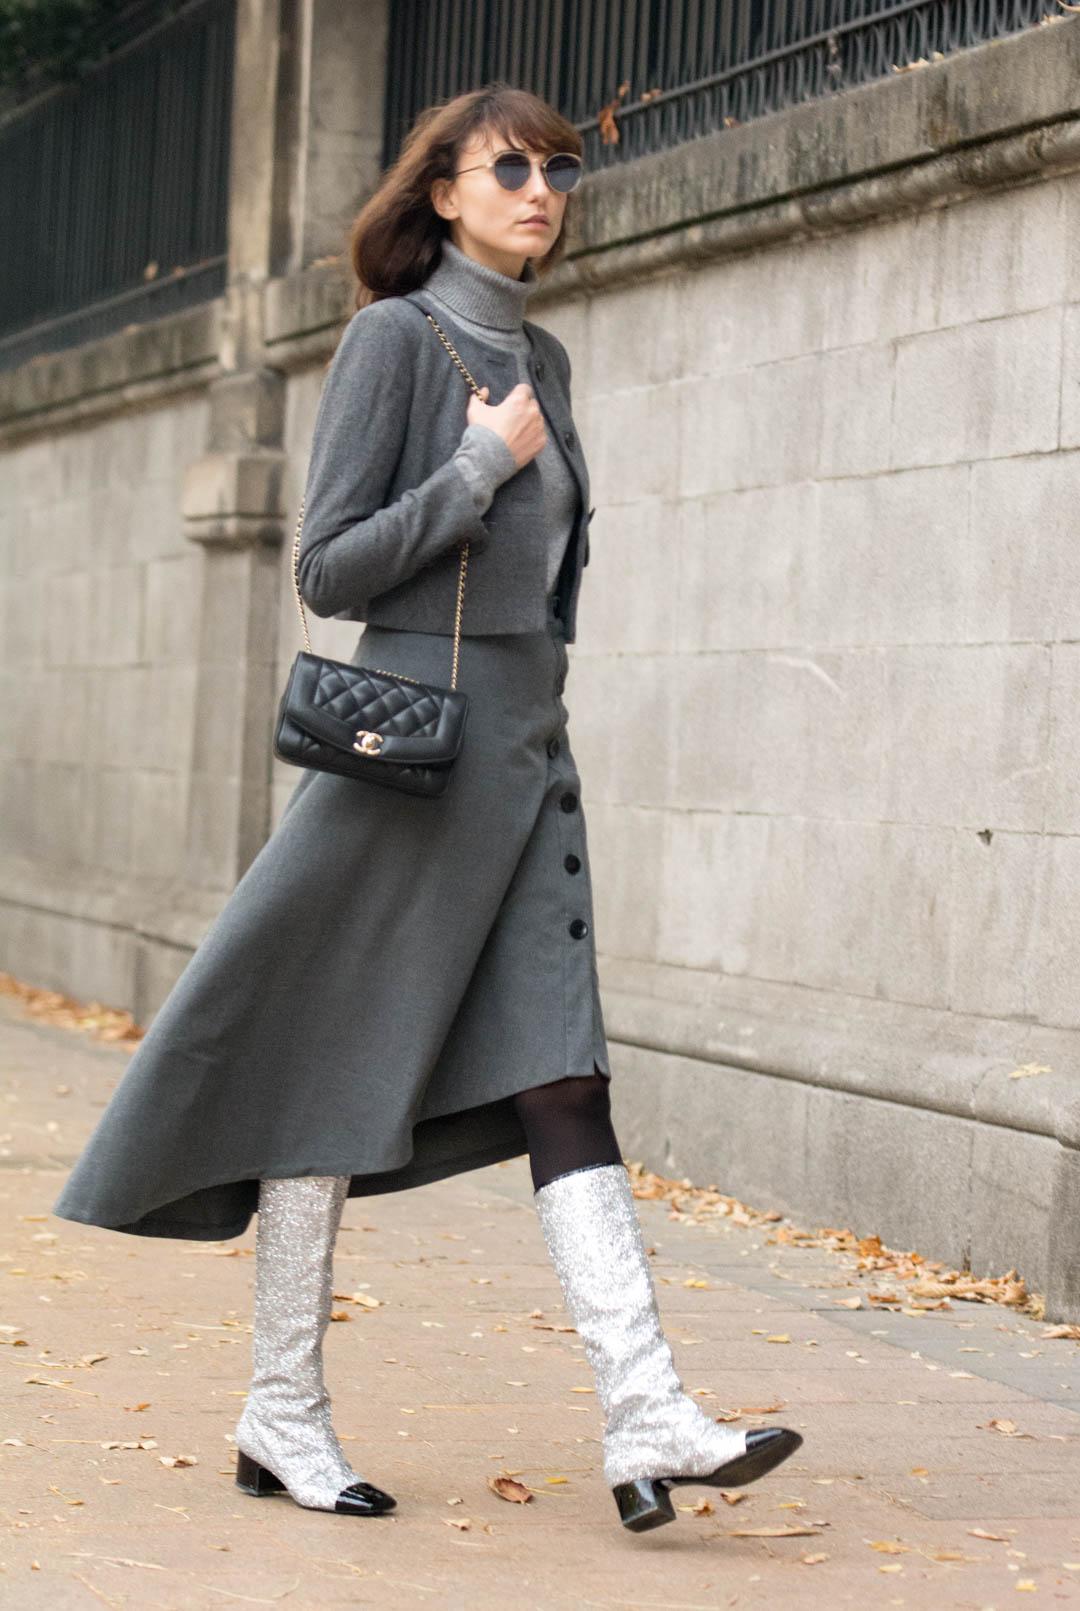 chanela-brillante-street-style-mitmeblog-web-04